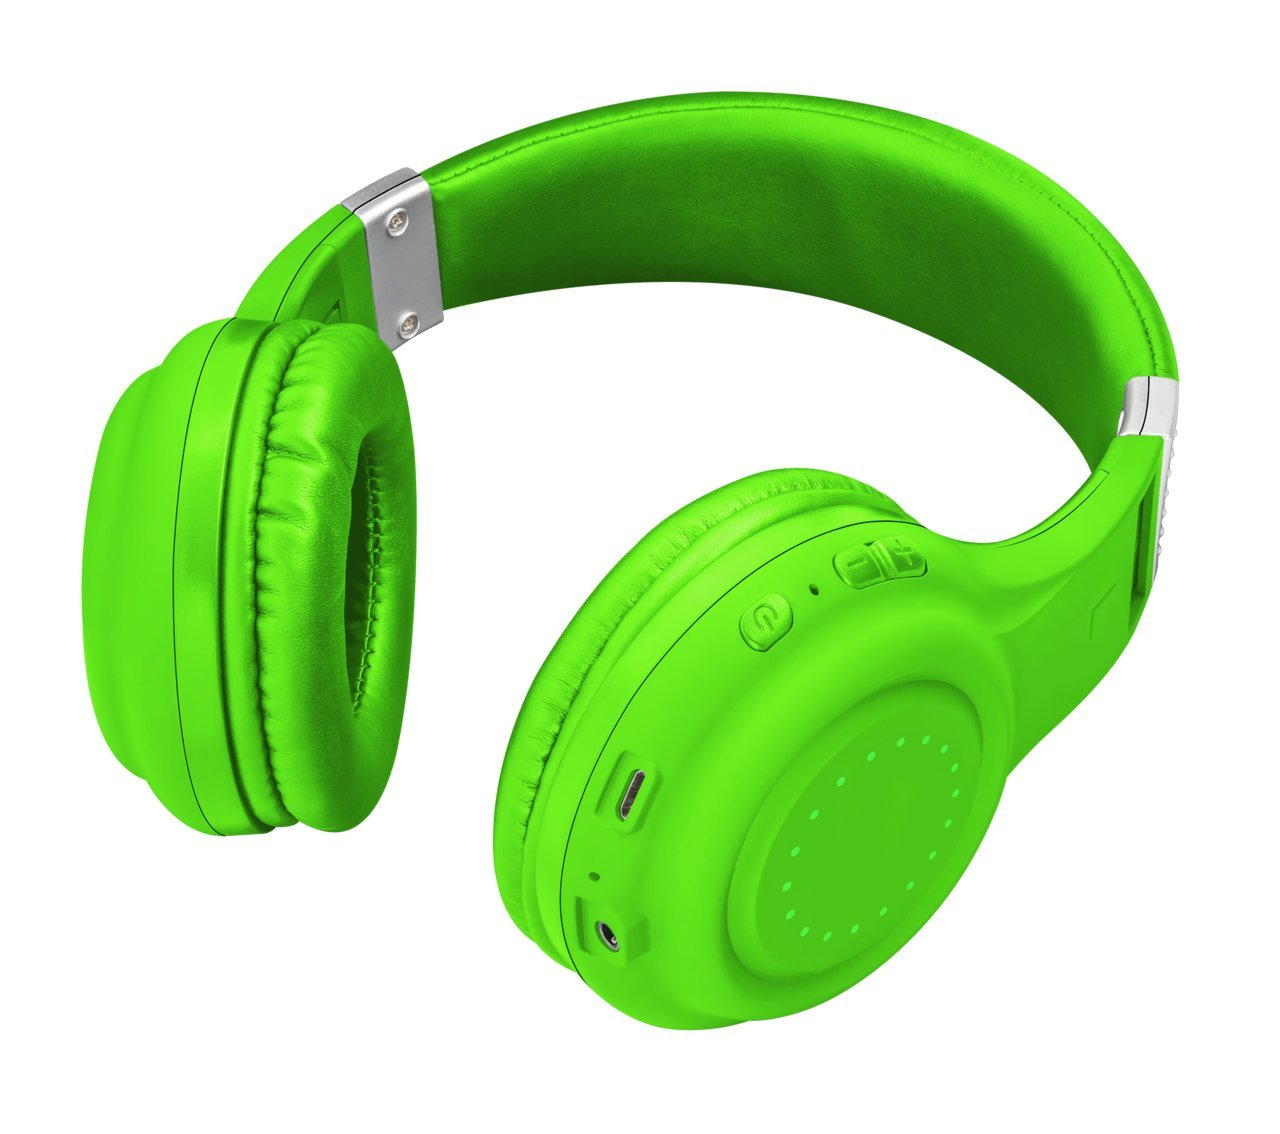 Trust Urban Dura - Auriculares inalámbricos con tecnología Bluetooth, para Llamadas telefónicas y música, Color Verde: Amazon.es: Informática